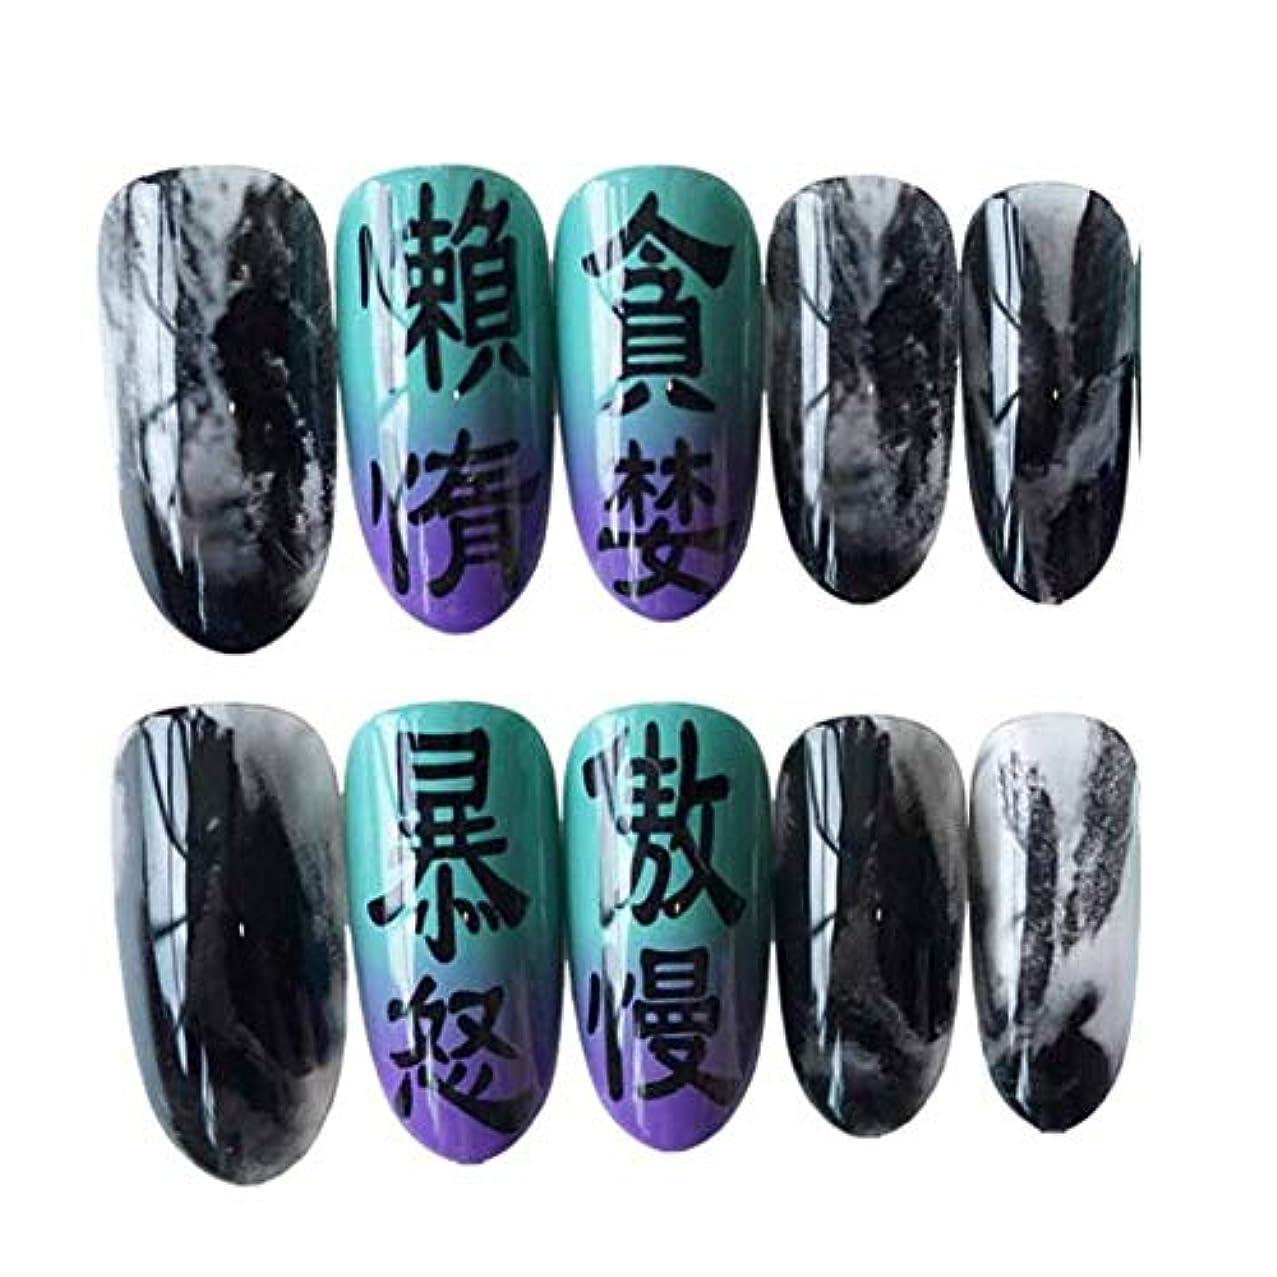 概してステージ葉を拾う嫉妬 - 紫/黒のシャープな偽の指爪人工的な偽の爪のヒント暗い